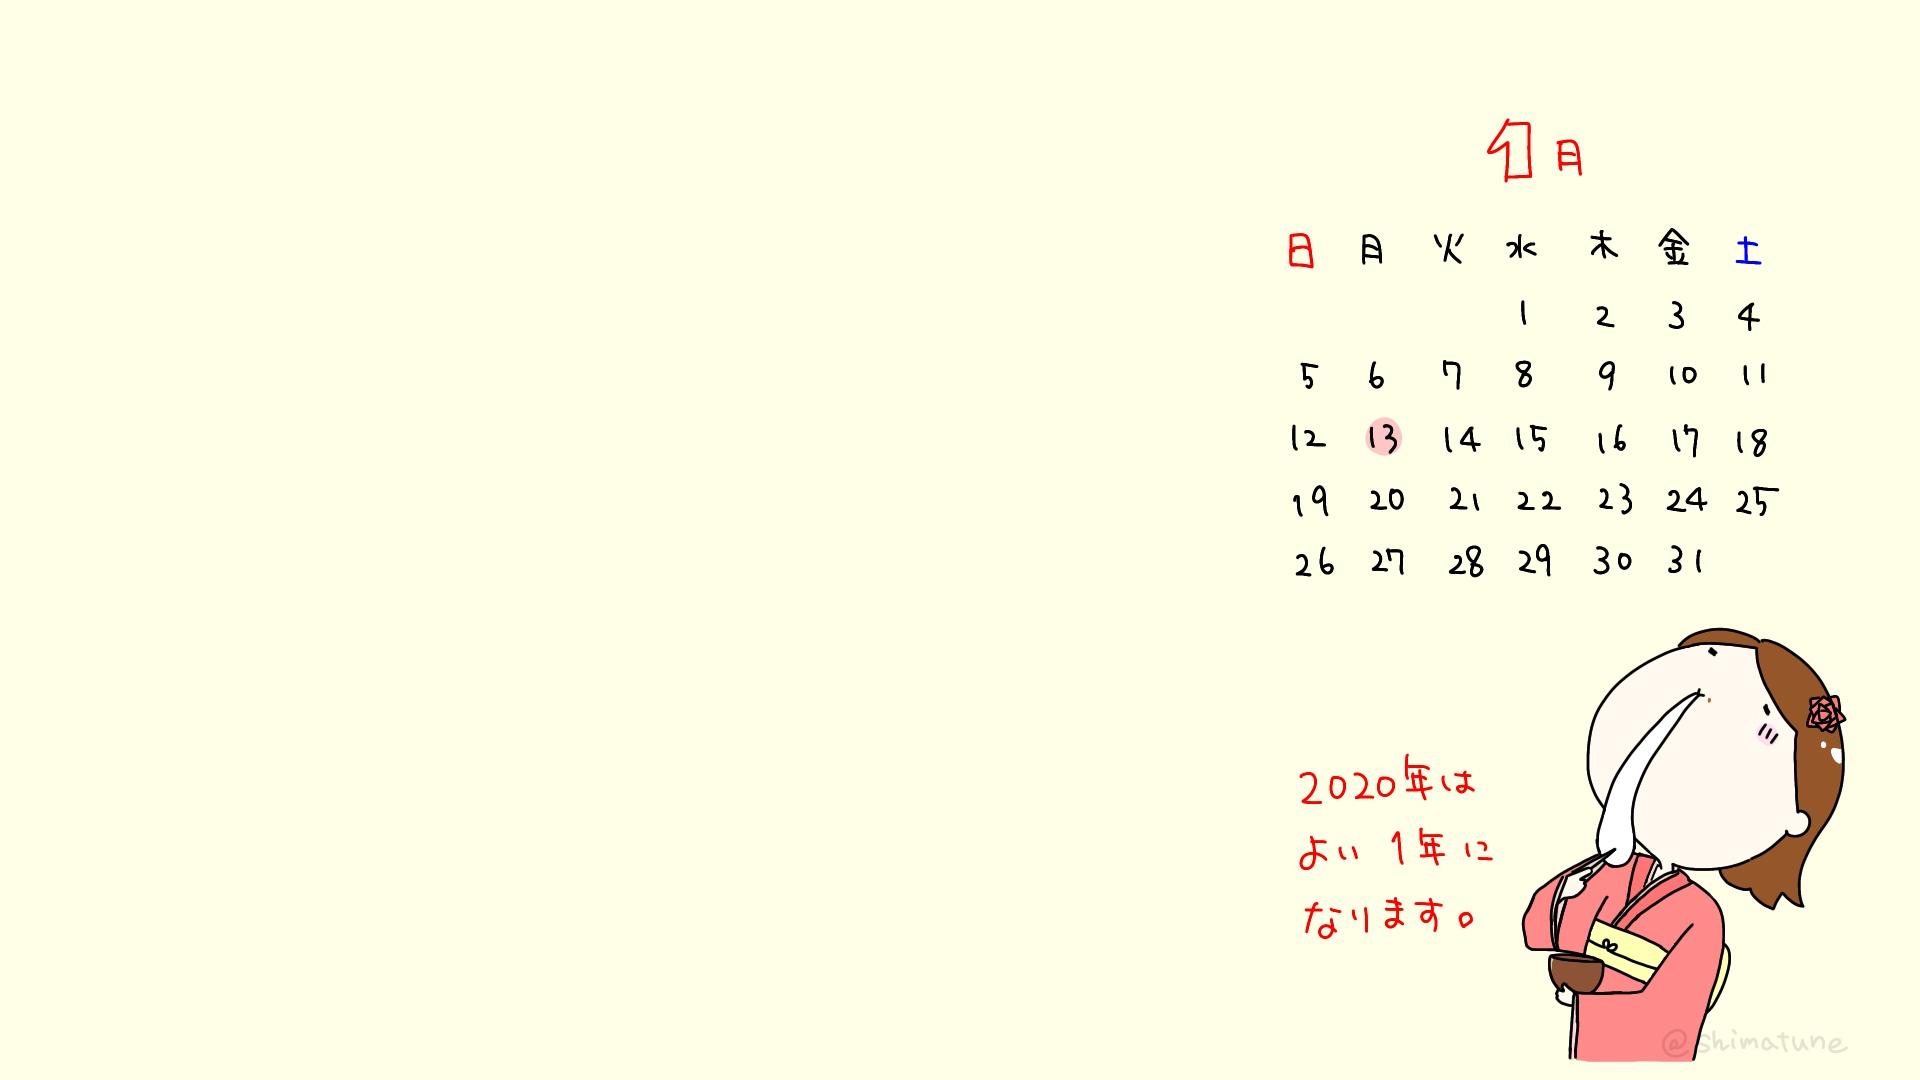 無料 壁紙 カレンダー パソコン 2020 1月